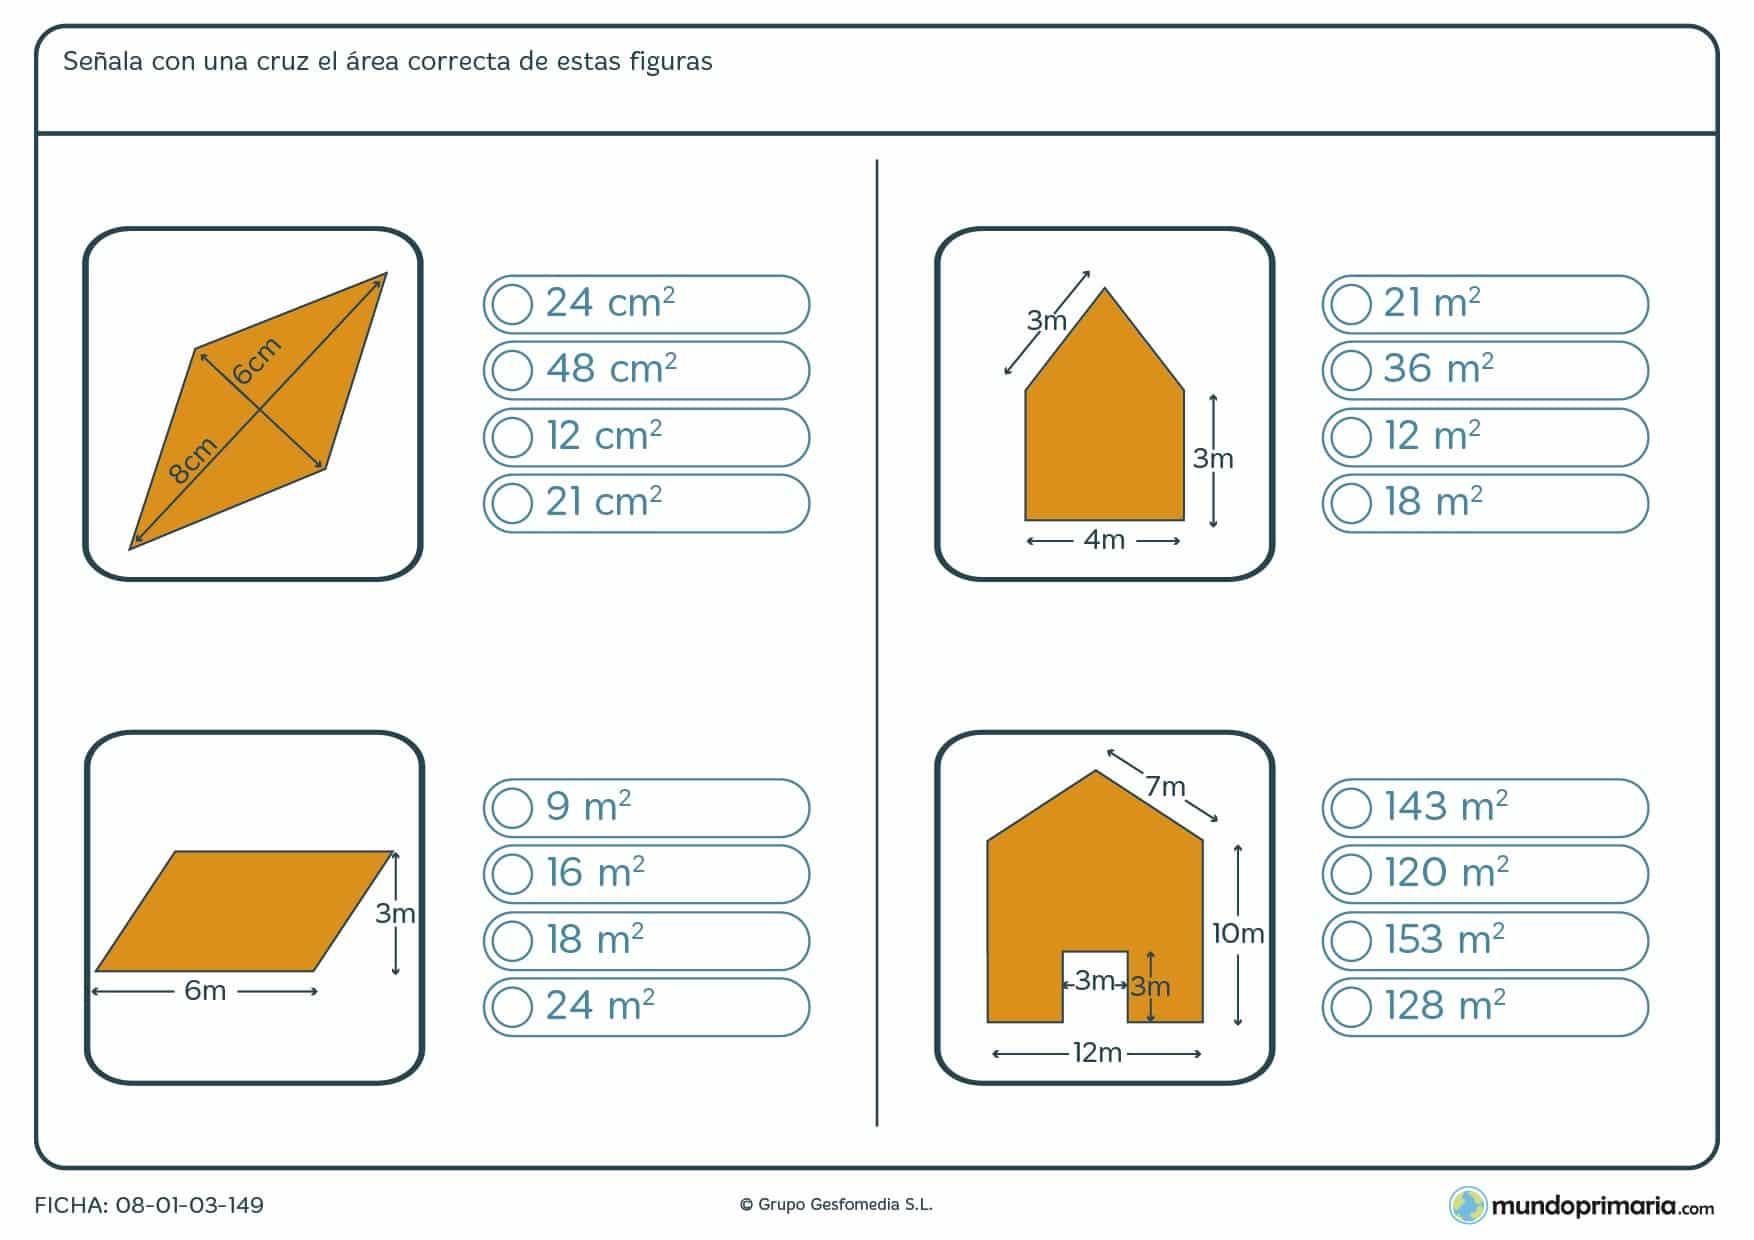 Ficha del área de polígonos en la que deberás marcar el resultado correcto sobre el área de las figuras.